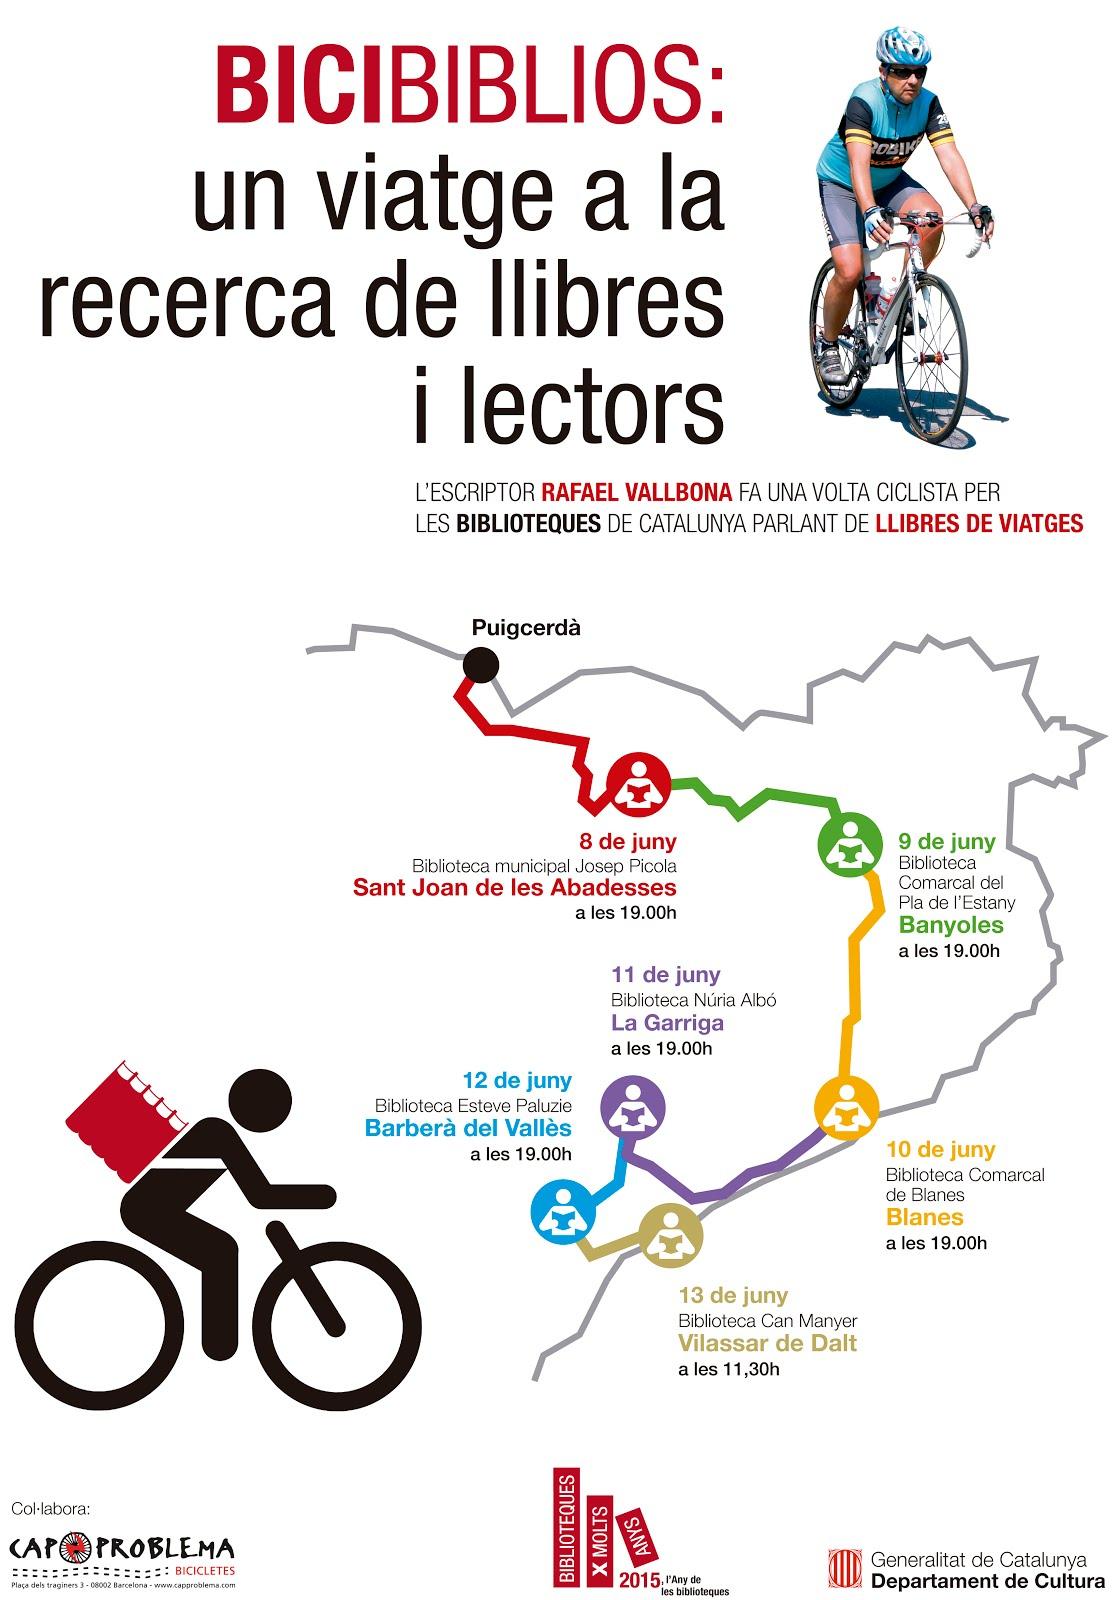 Bicibiblios, volta ciclista per biblioteques de Catalunya